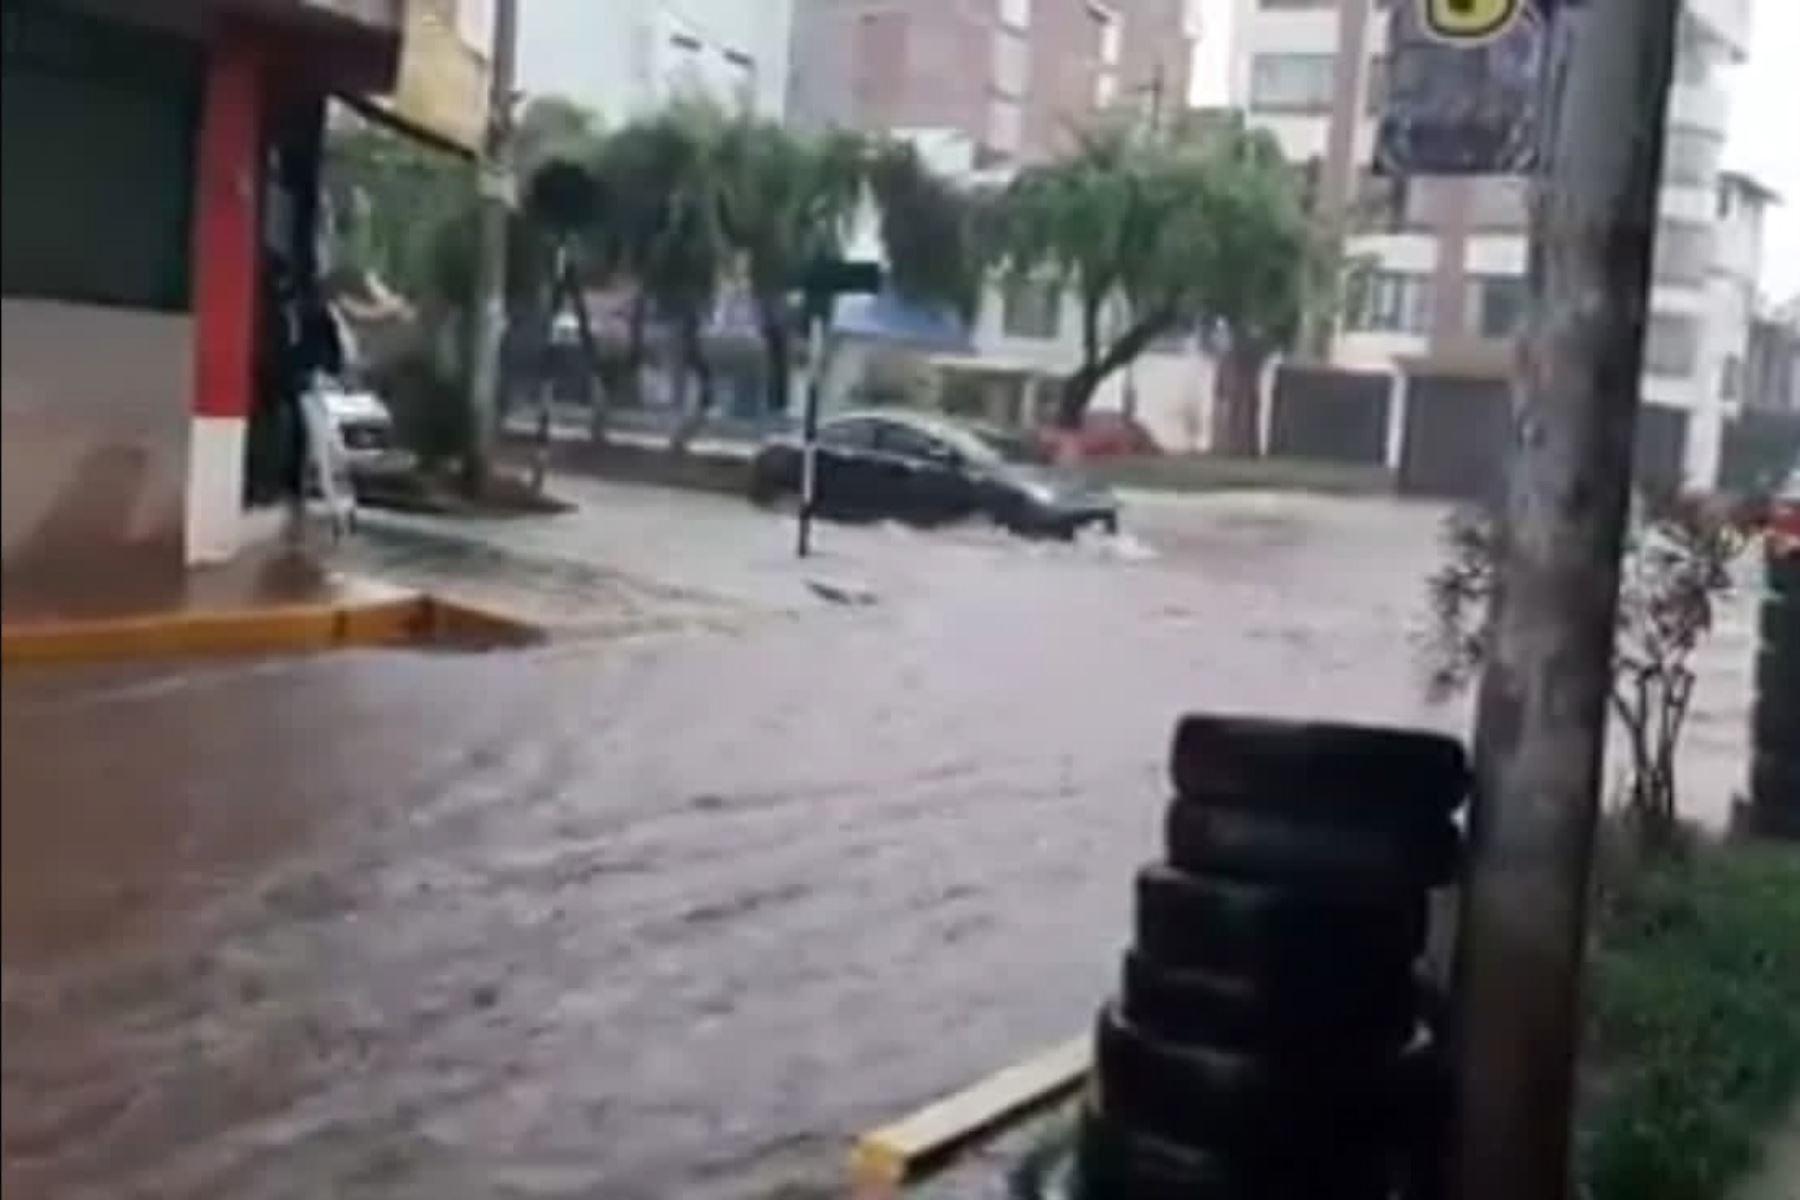 Lluvias torrenciales han convertido las calles de la ciudad del Cusco en ríos y las alcantarillas han colapsado.